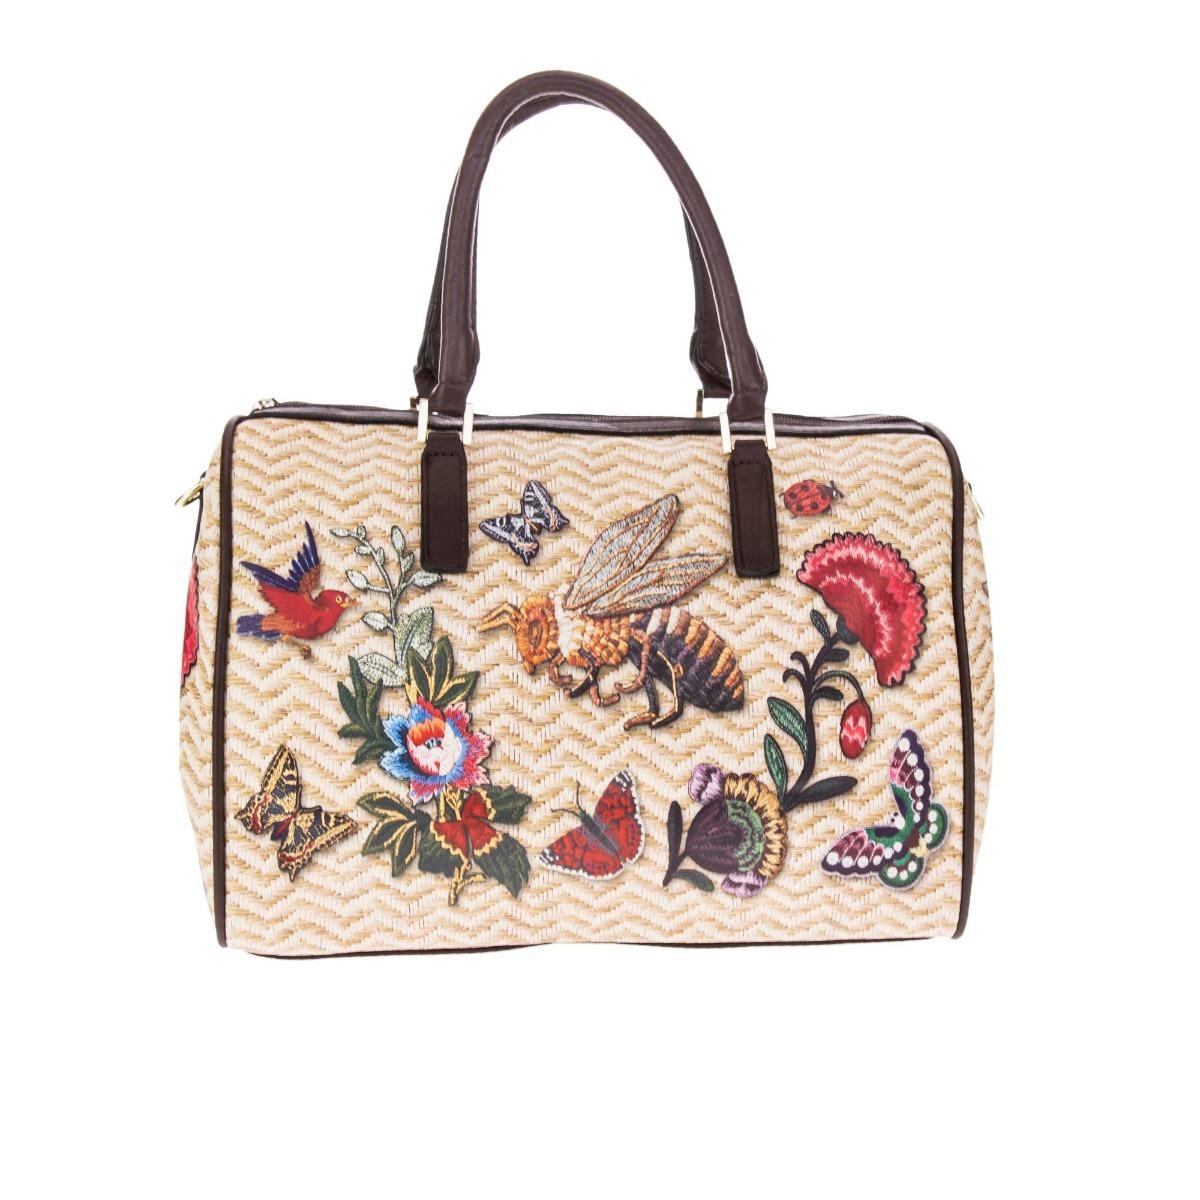 f5a13bafe2397 Bolsa Feminina Estampada - Formato Baú - R  279,80 em Mercado Livre